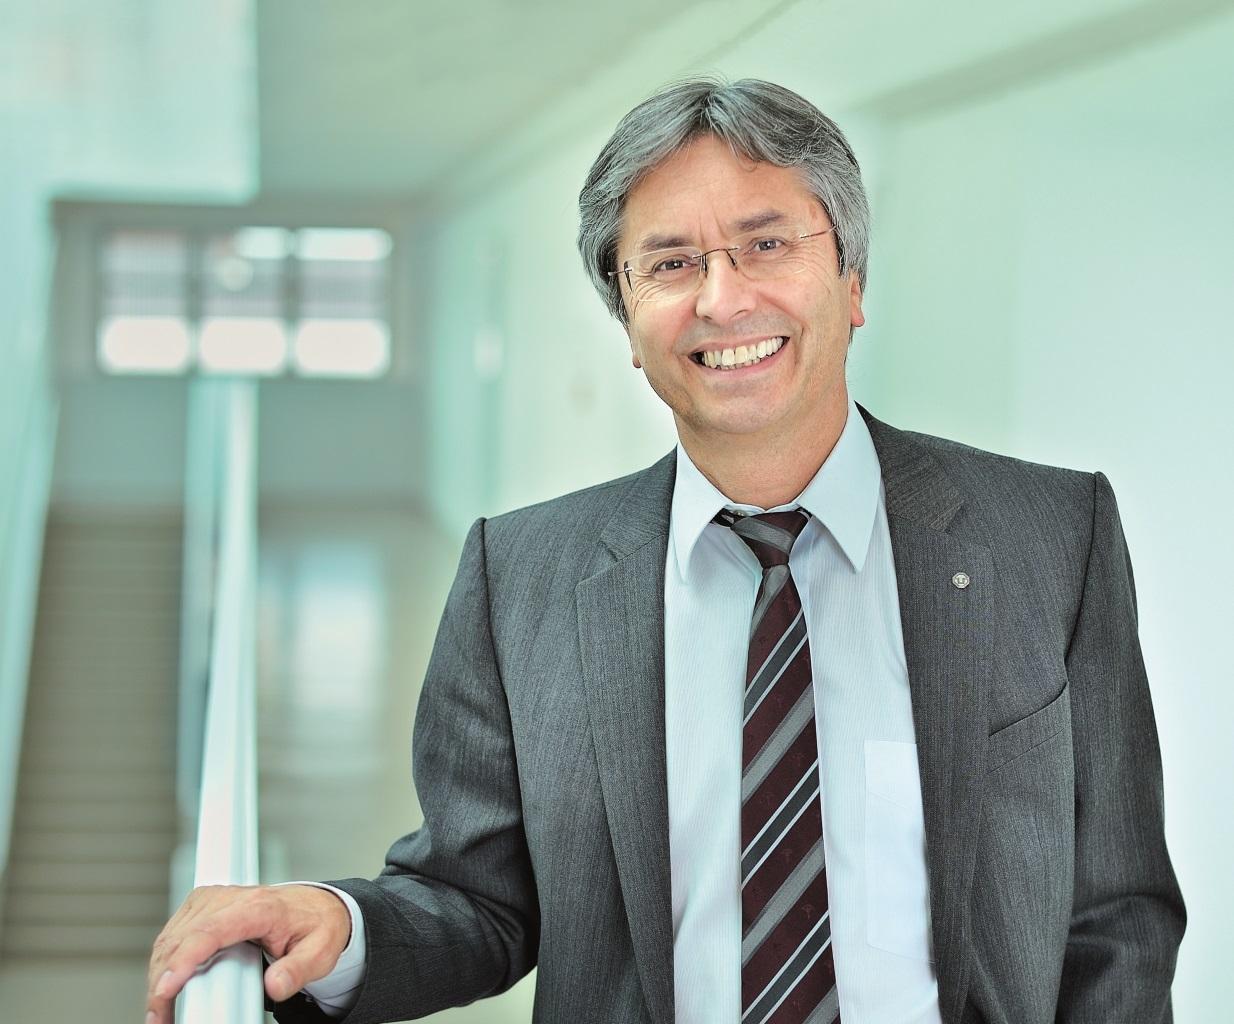 Prof. Mueller-Steinhagen